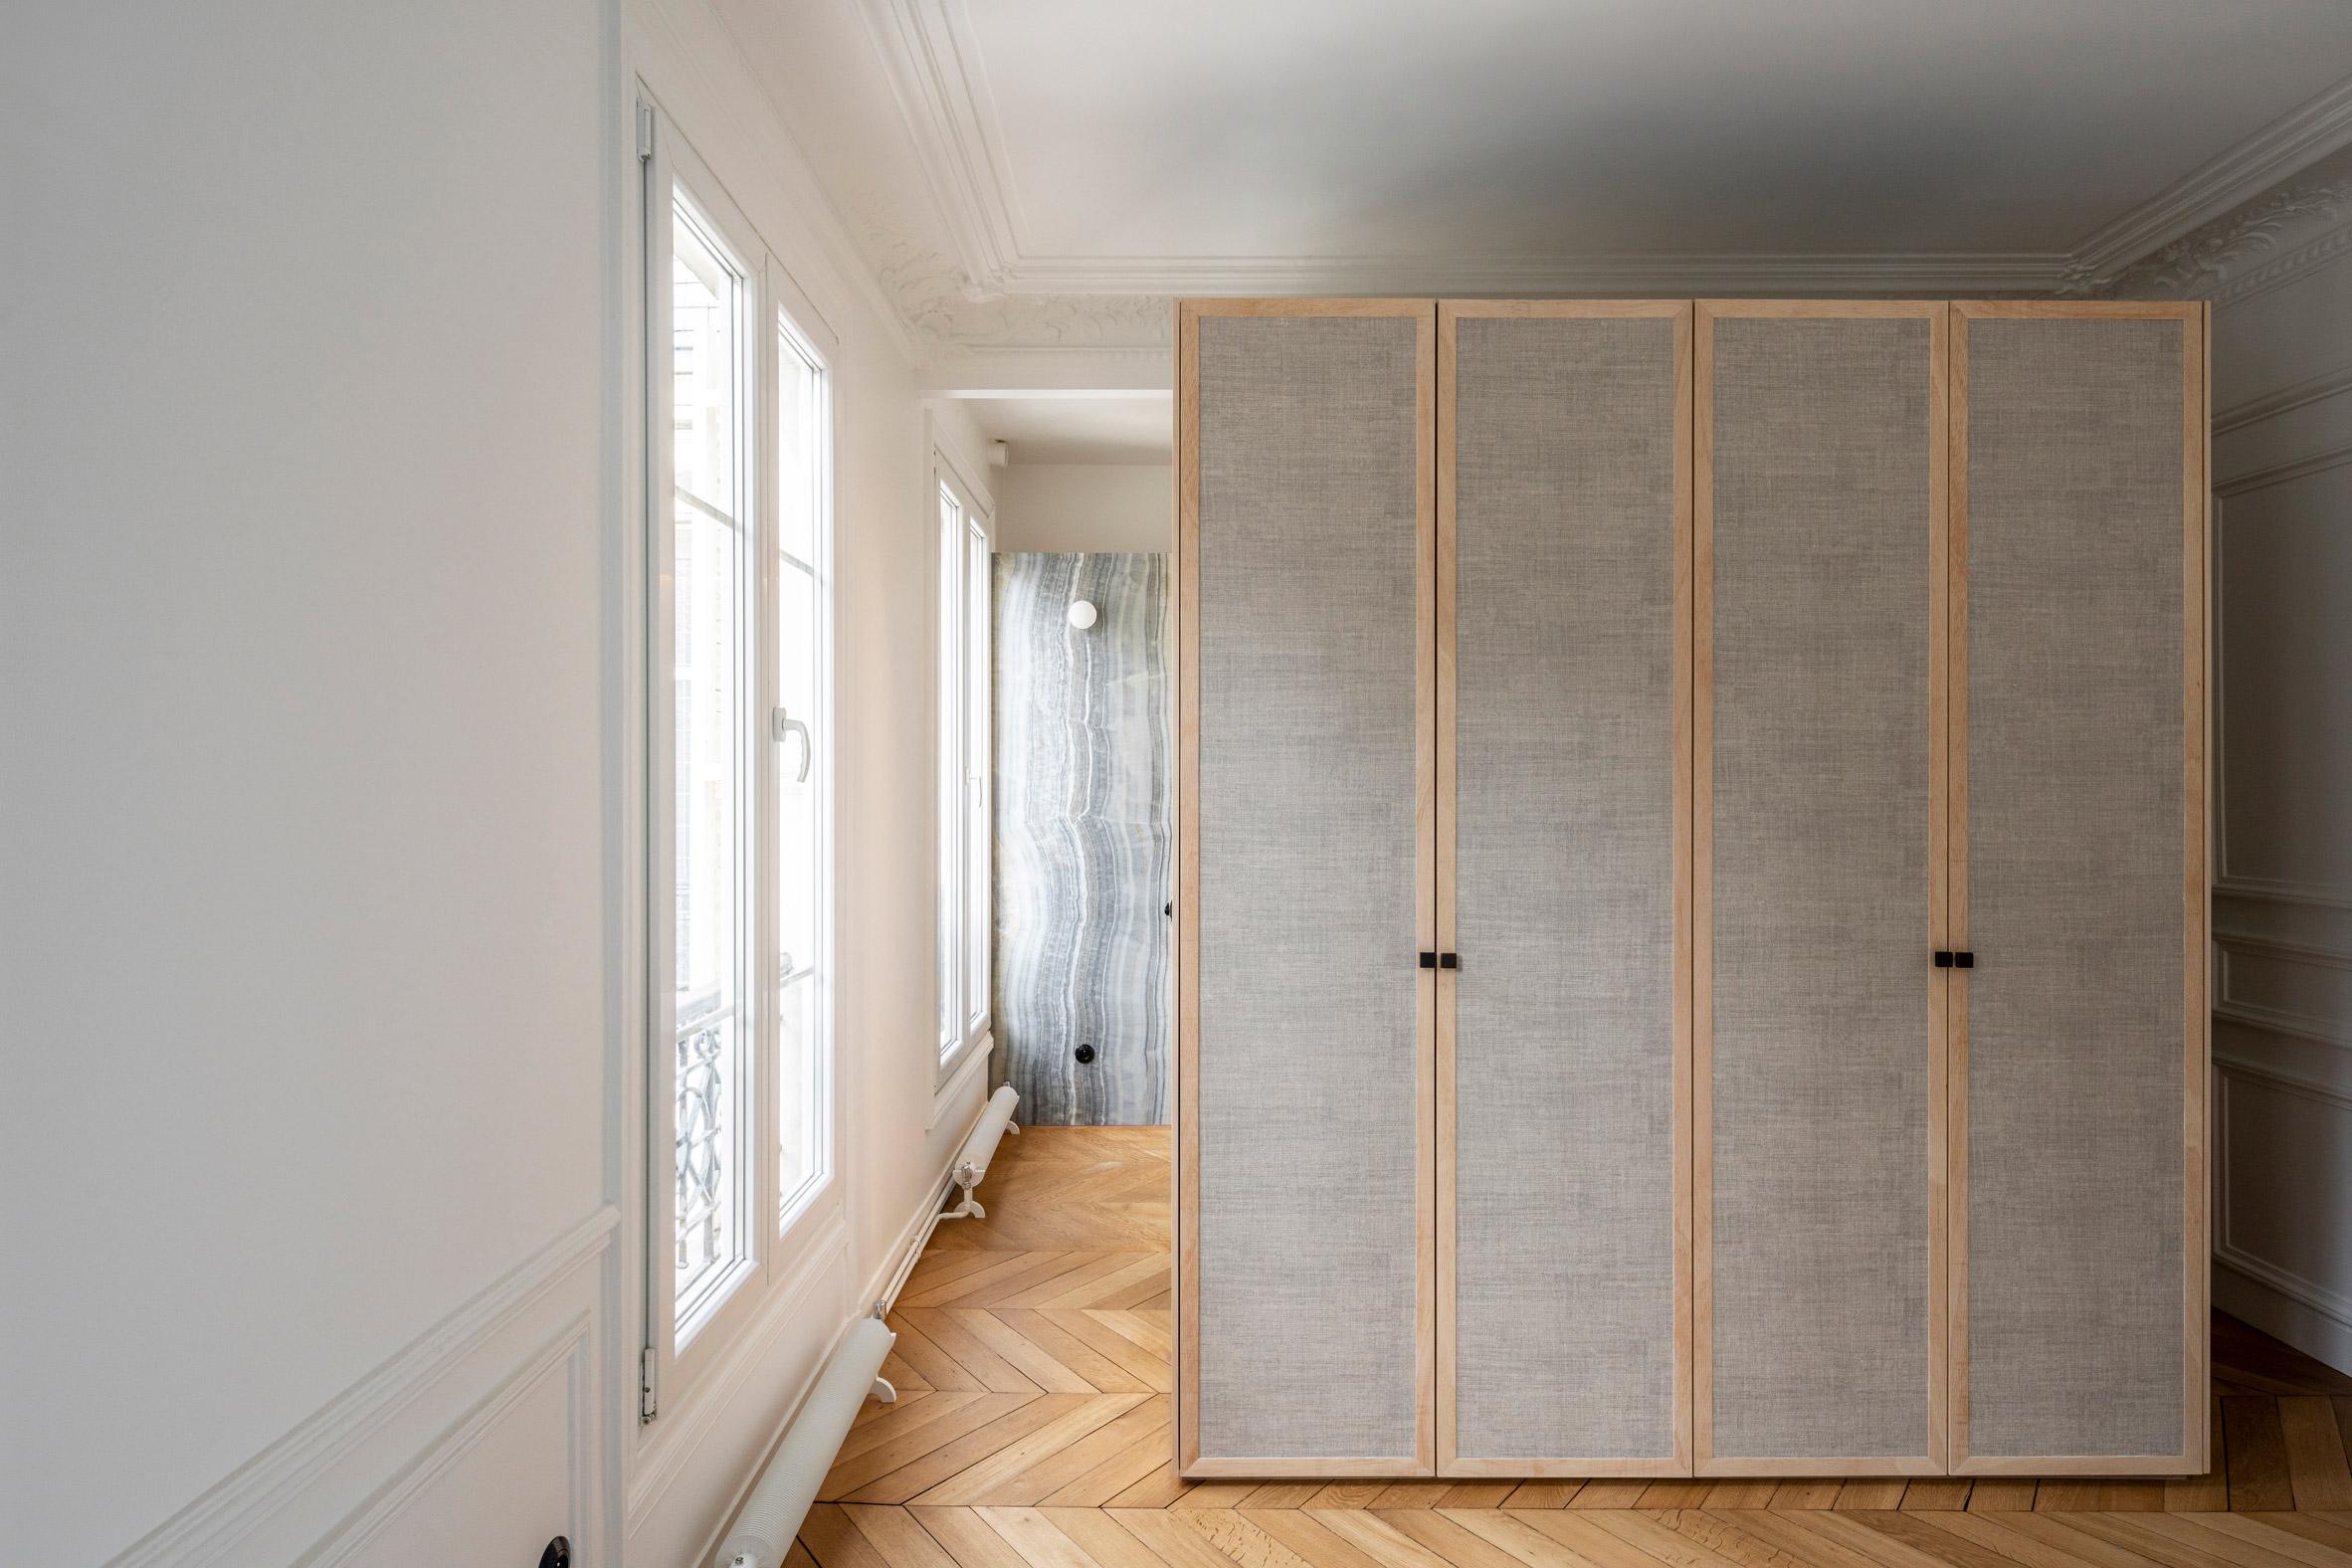 Thiết kế nội thất căn hộ 90m2 23